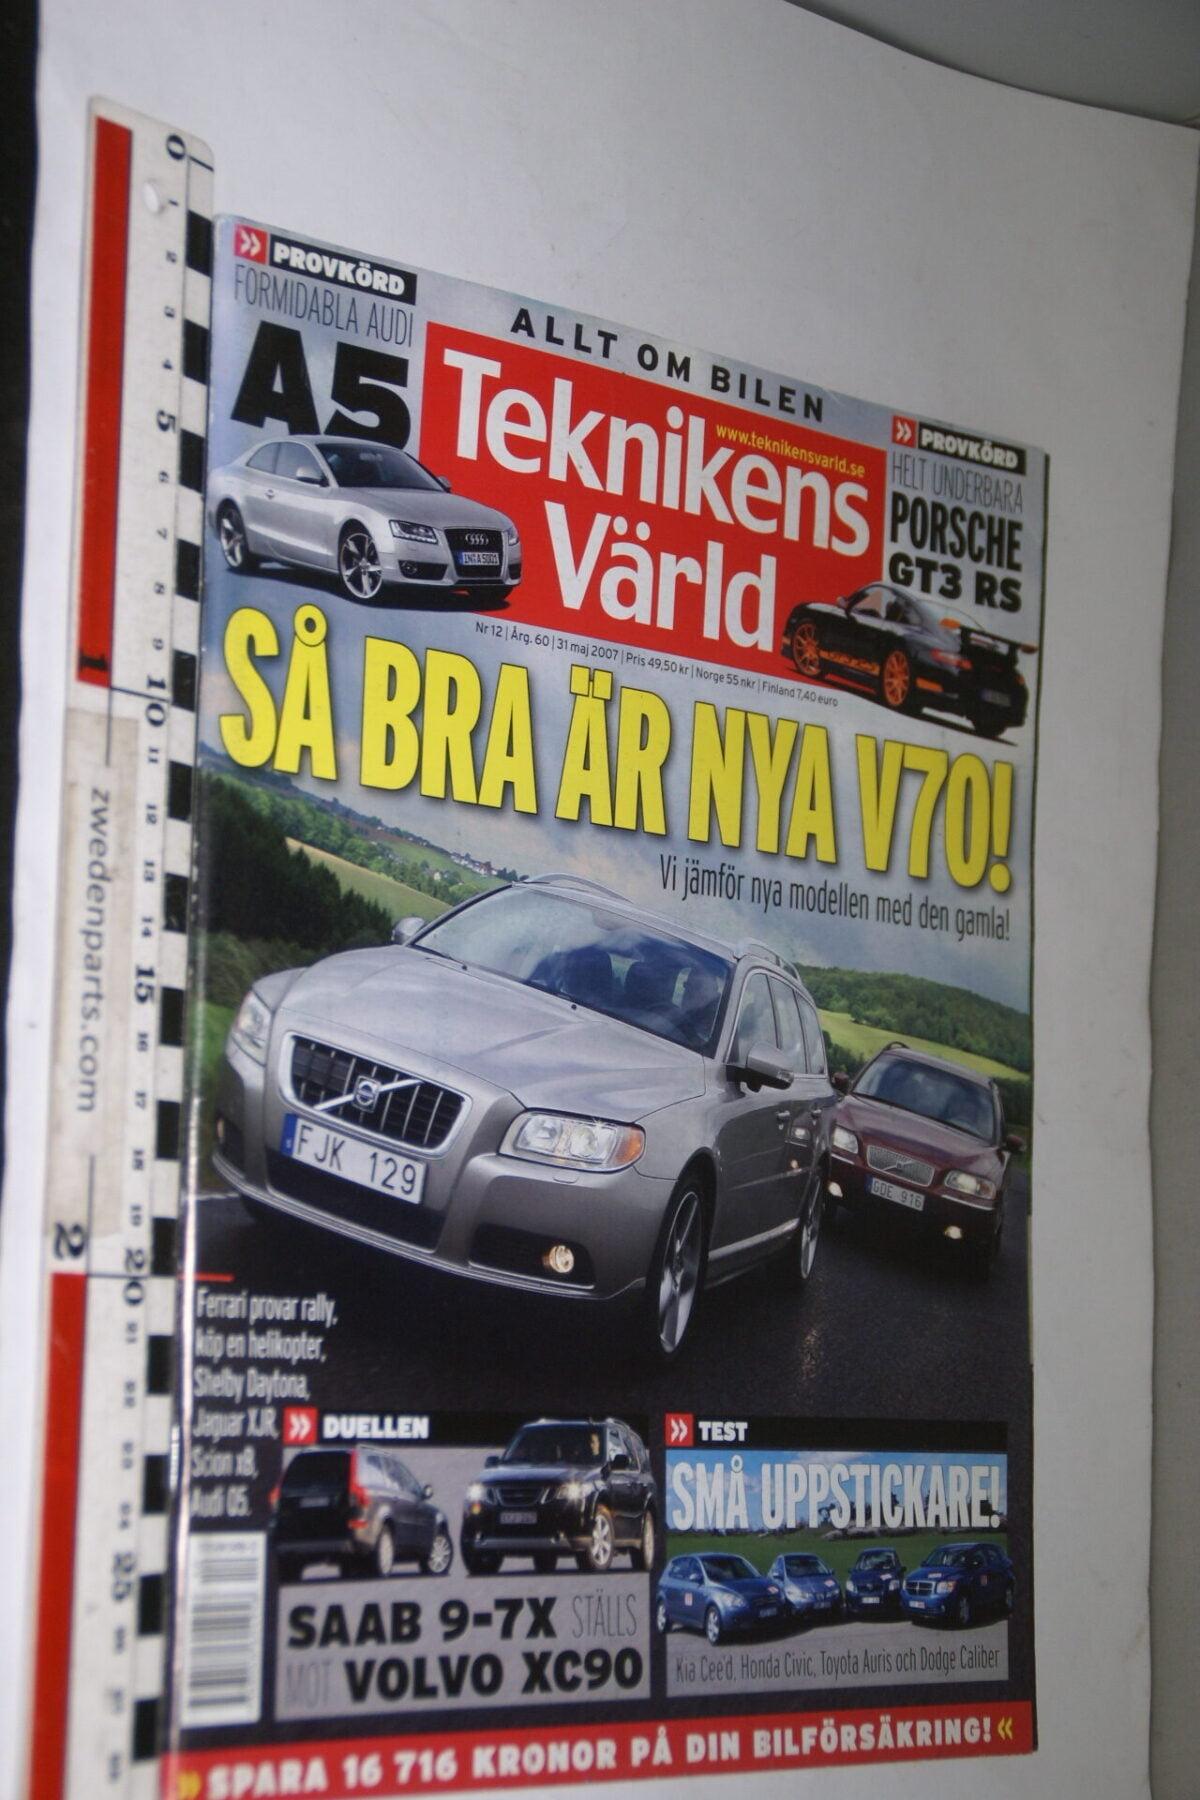 DSC08090 tijdschrift Teknikens Värld 31 mei 2007 met nieuwe Volvo V70, Svenska-3069363d